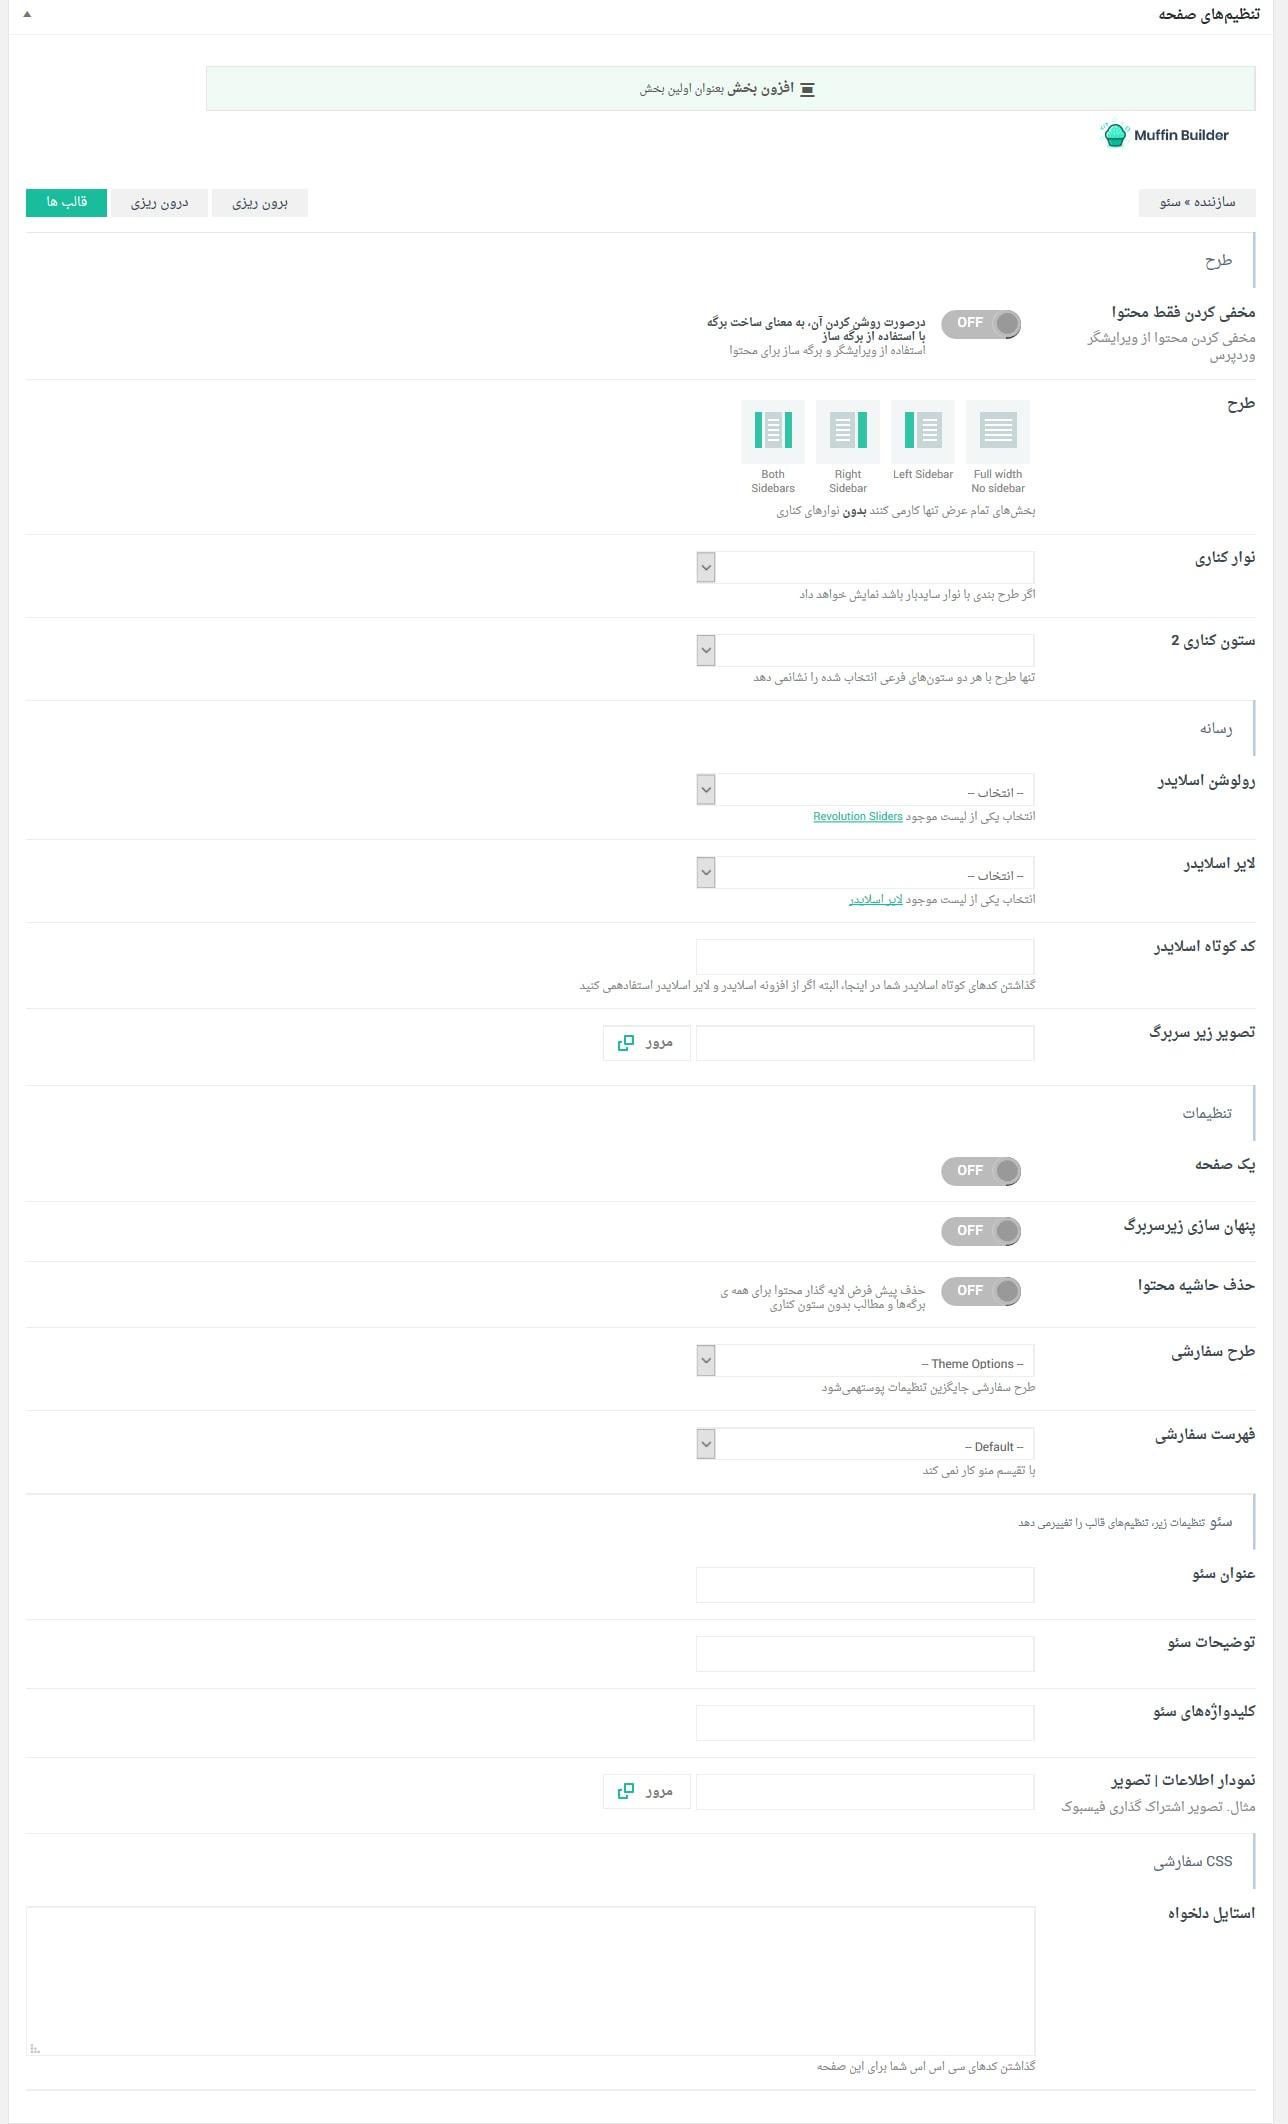 تنظیمات برگه در قالب BeTheme